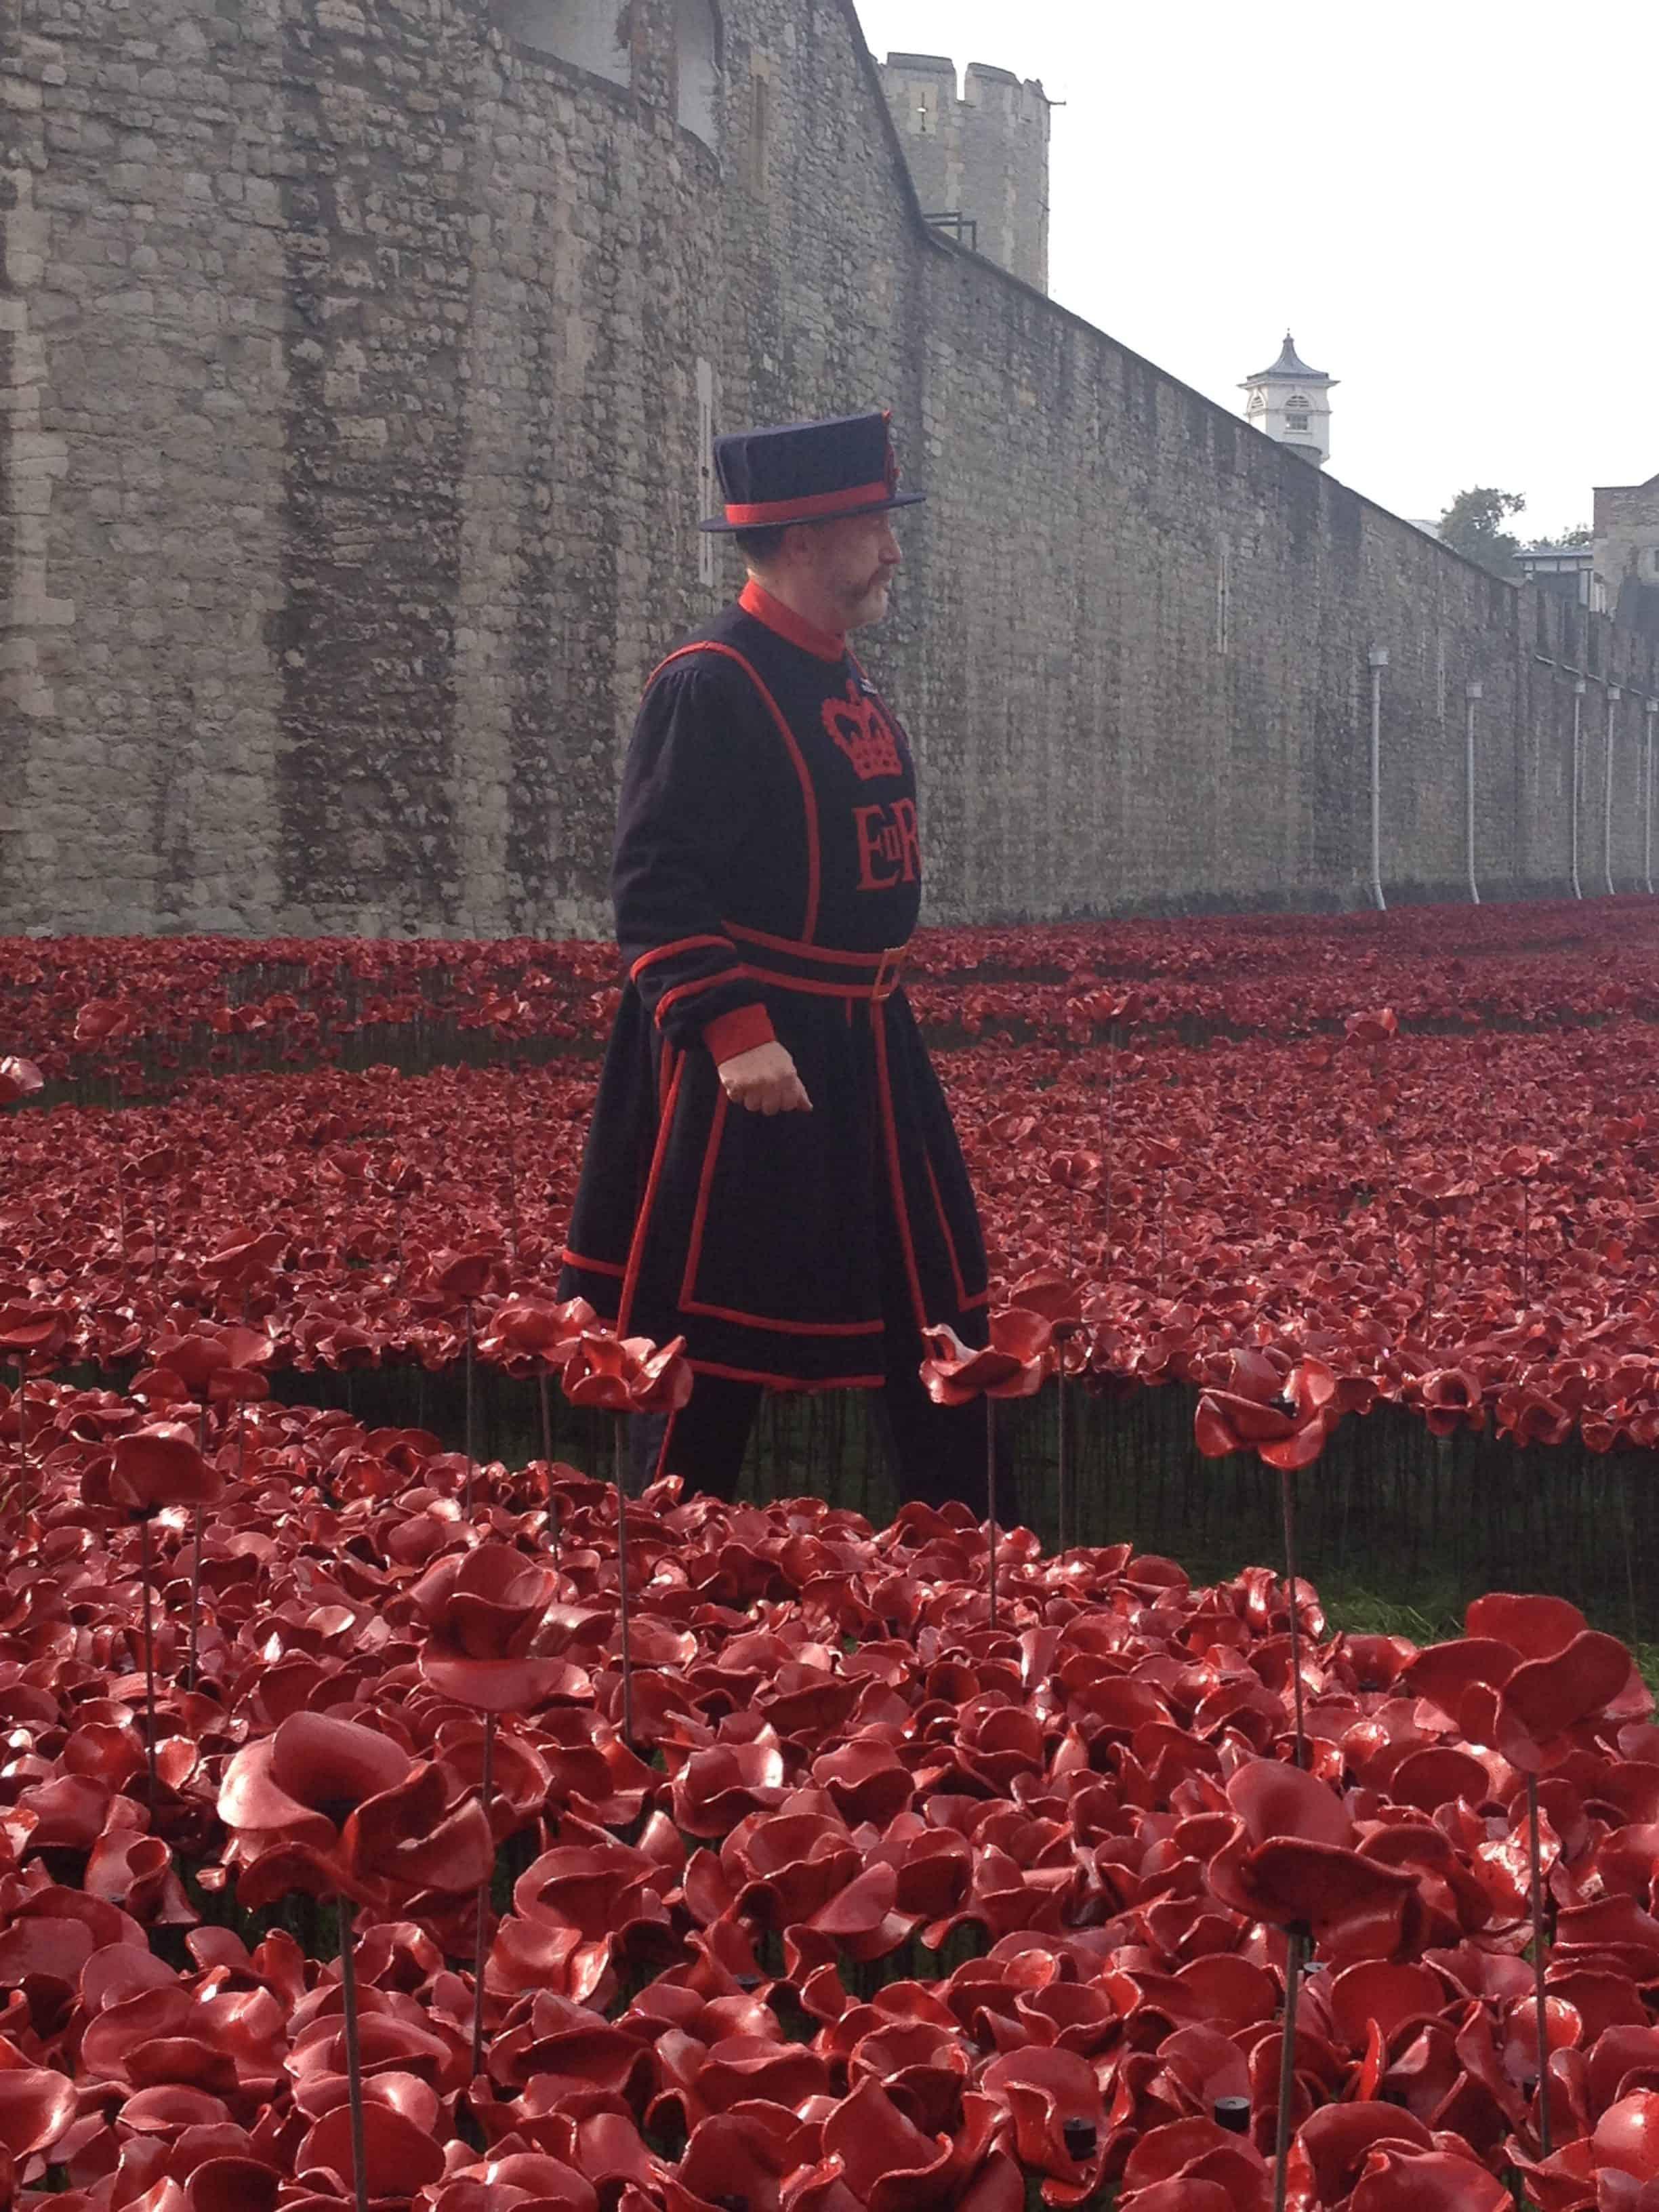 Poppies na Torre de Londres